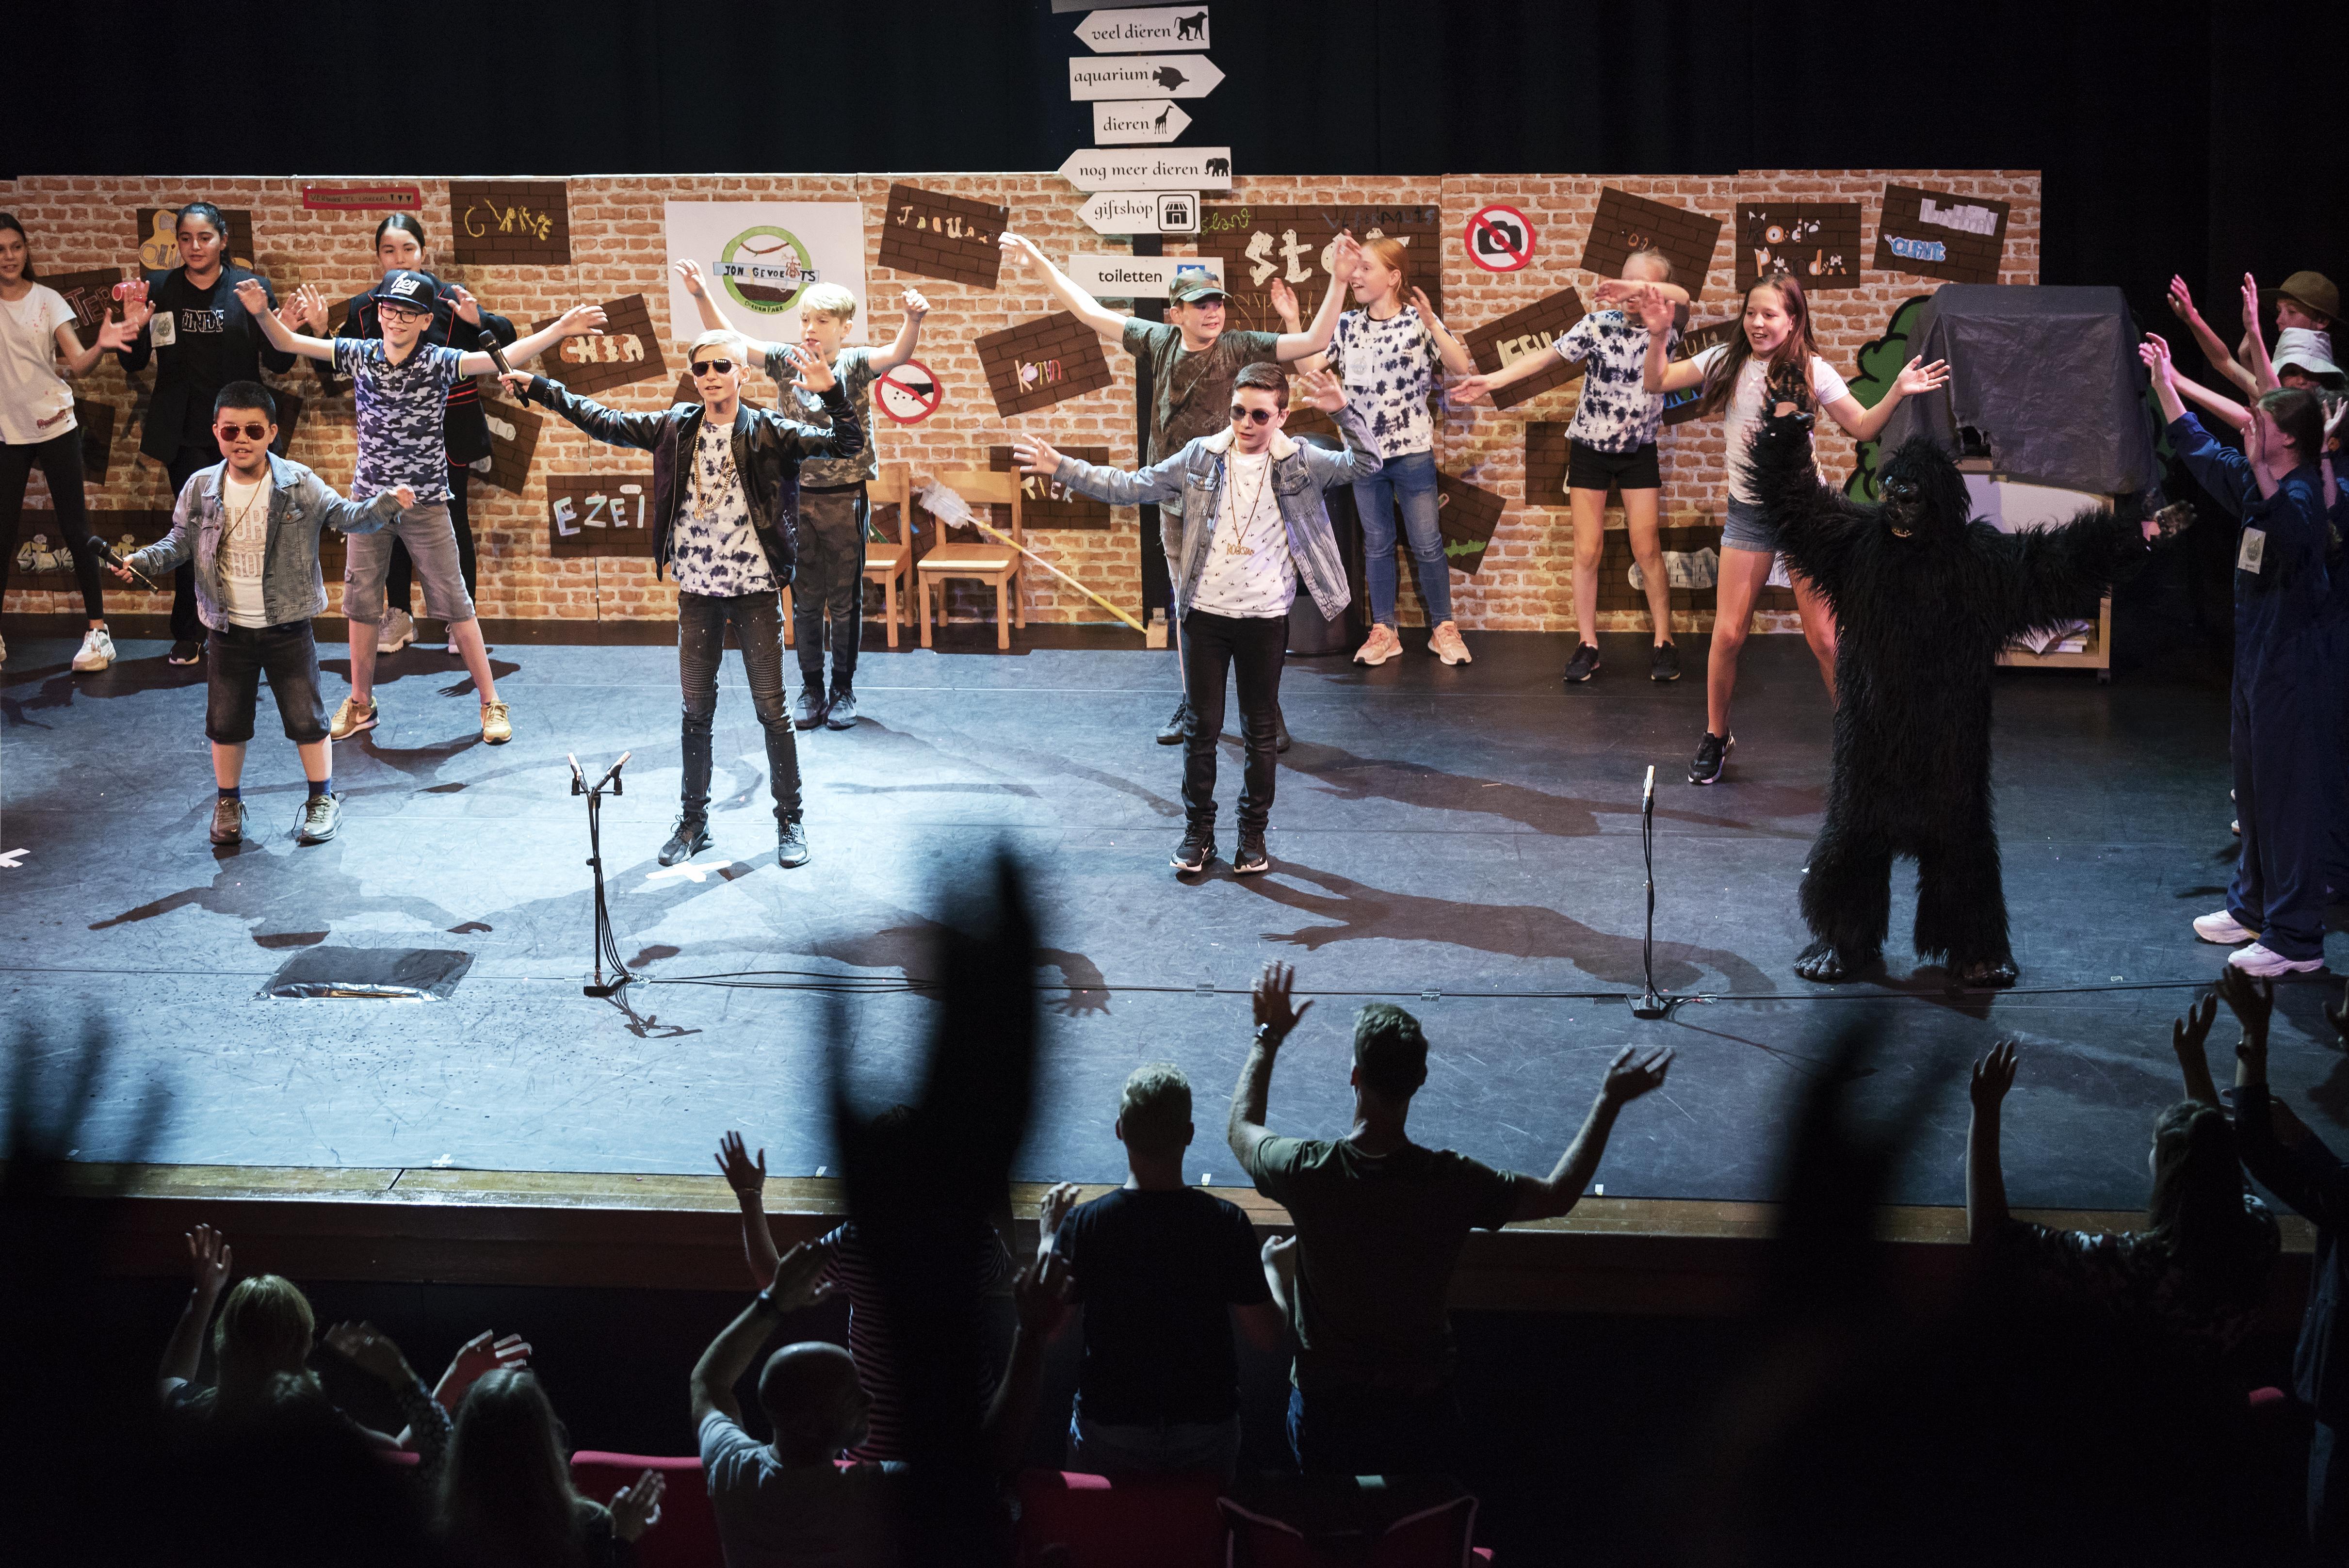 Een avondje naar het theater of naar een klassiek concert, straks kan het weer: 'We willen de theaterhonger deze zomer bedienen'